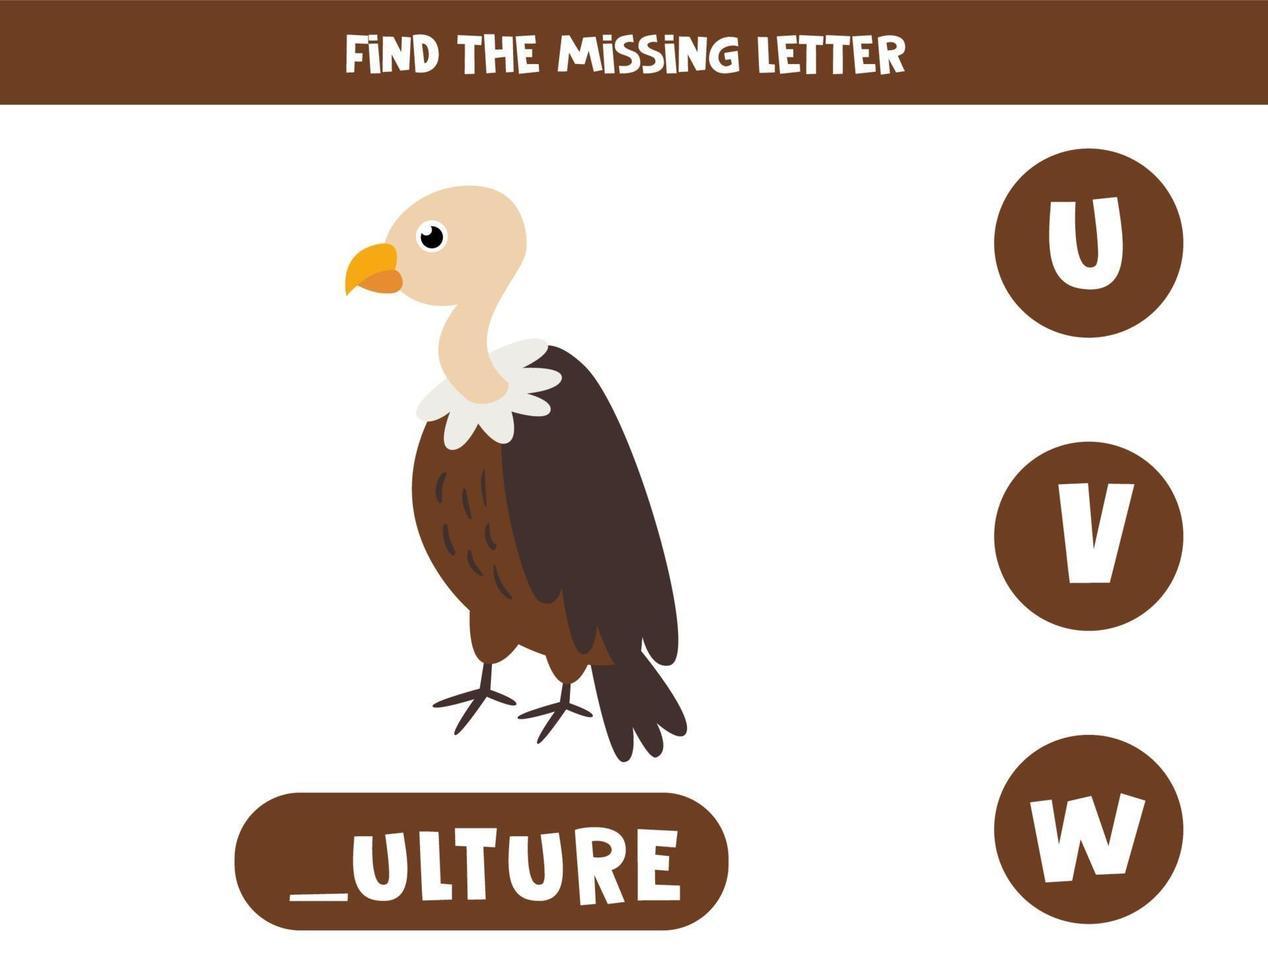 trova la lettera mancante con l'avvoltoio simpatico cartone animato. vettore